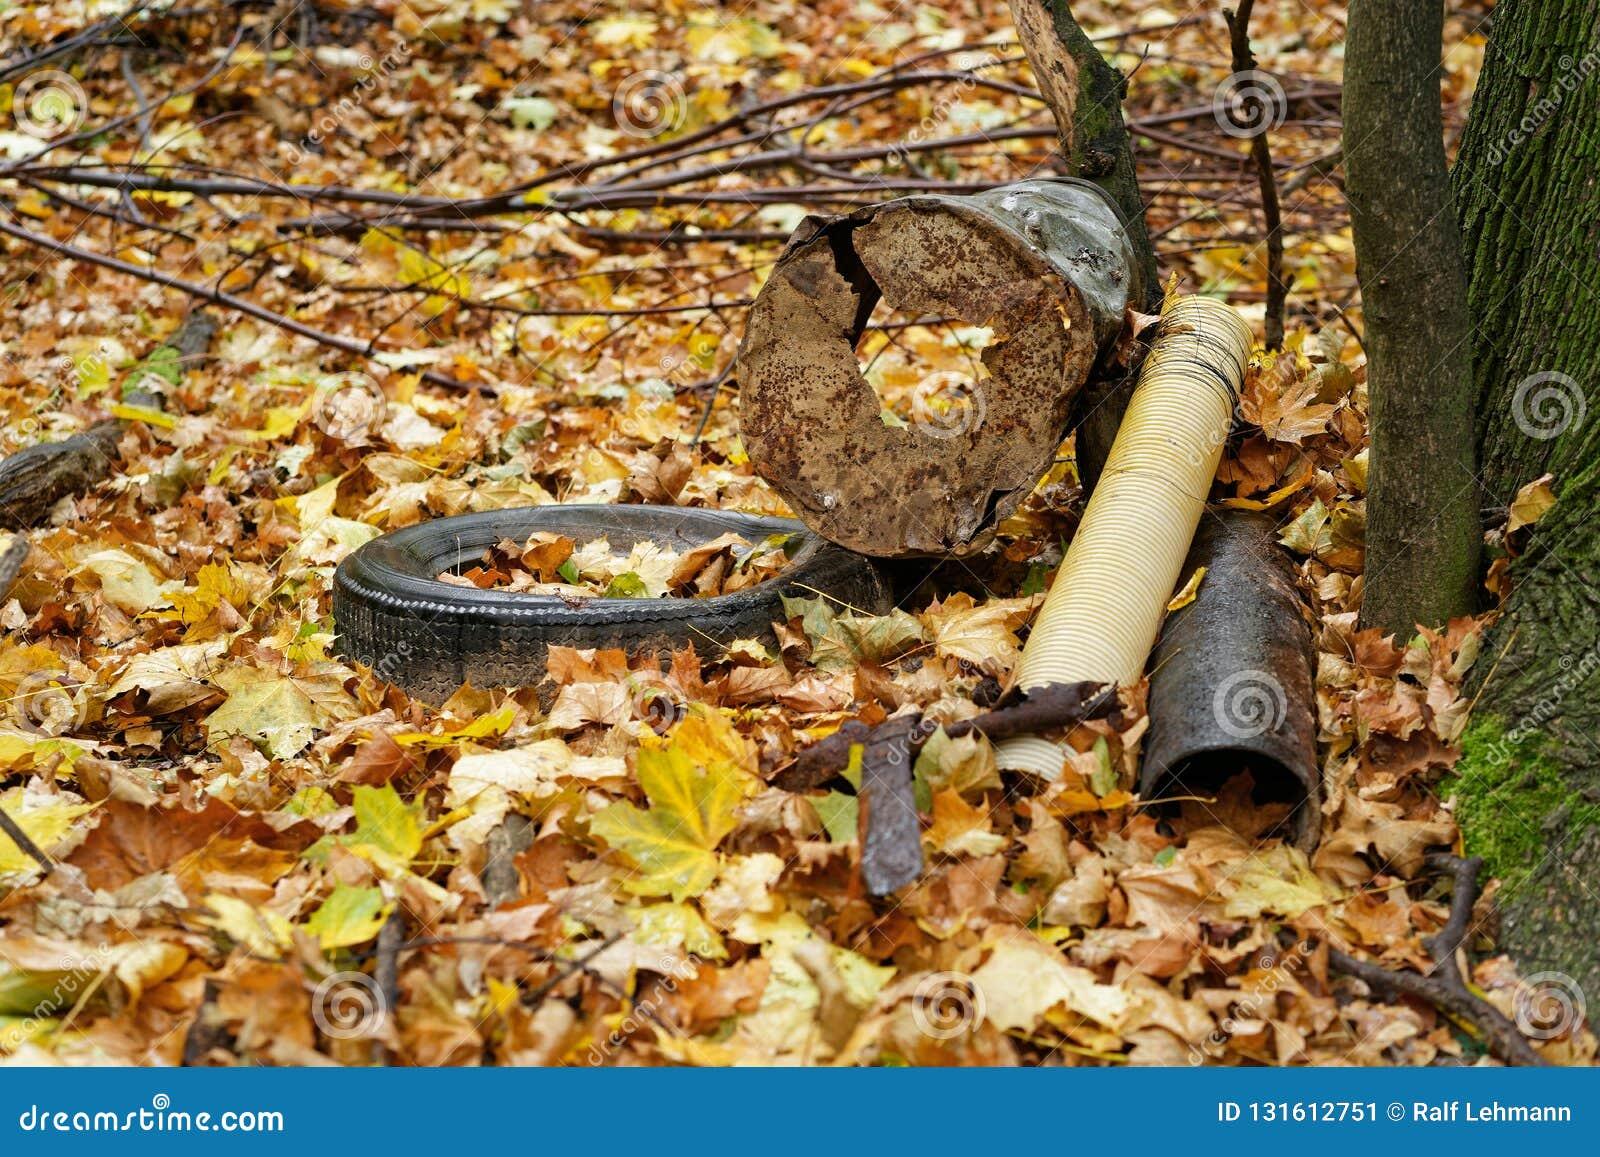 垃圾储蓄在树的森林,车胎,金属废料,组分,秋叶包括地面